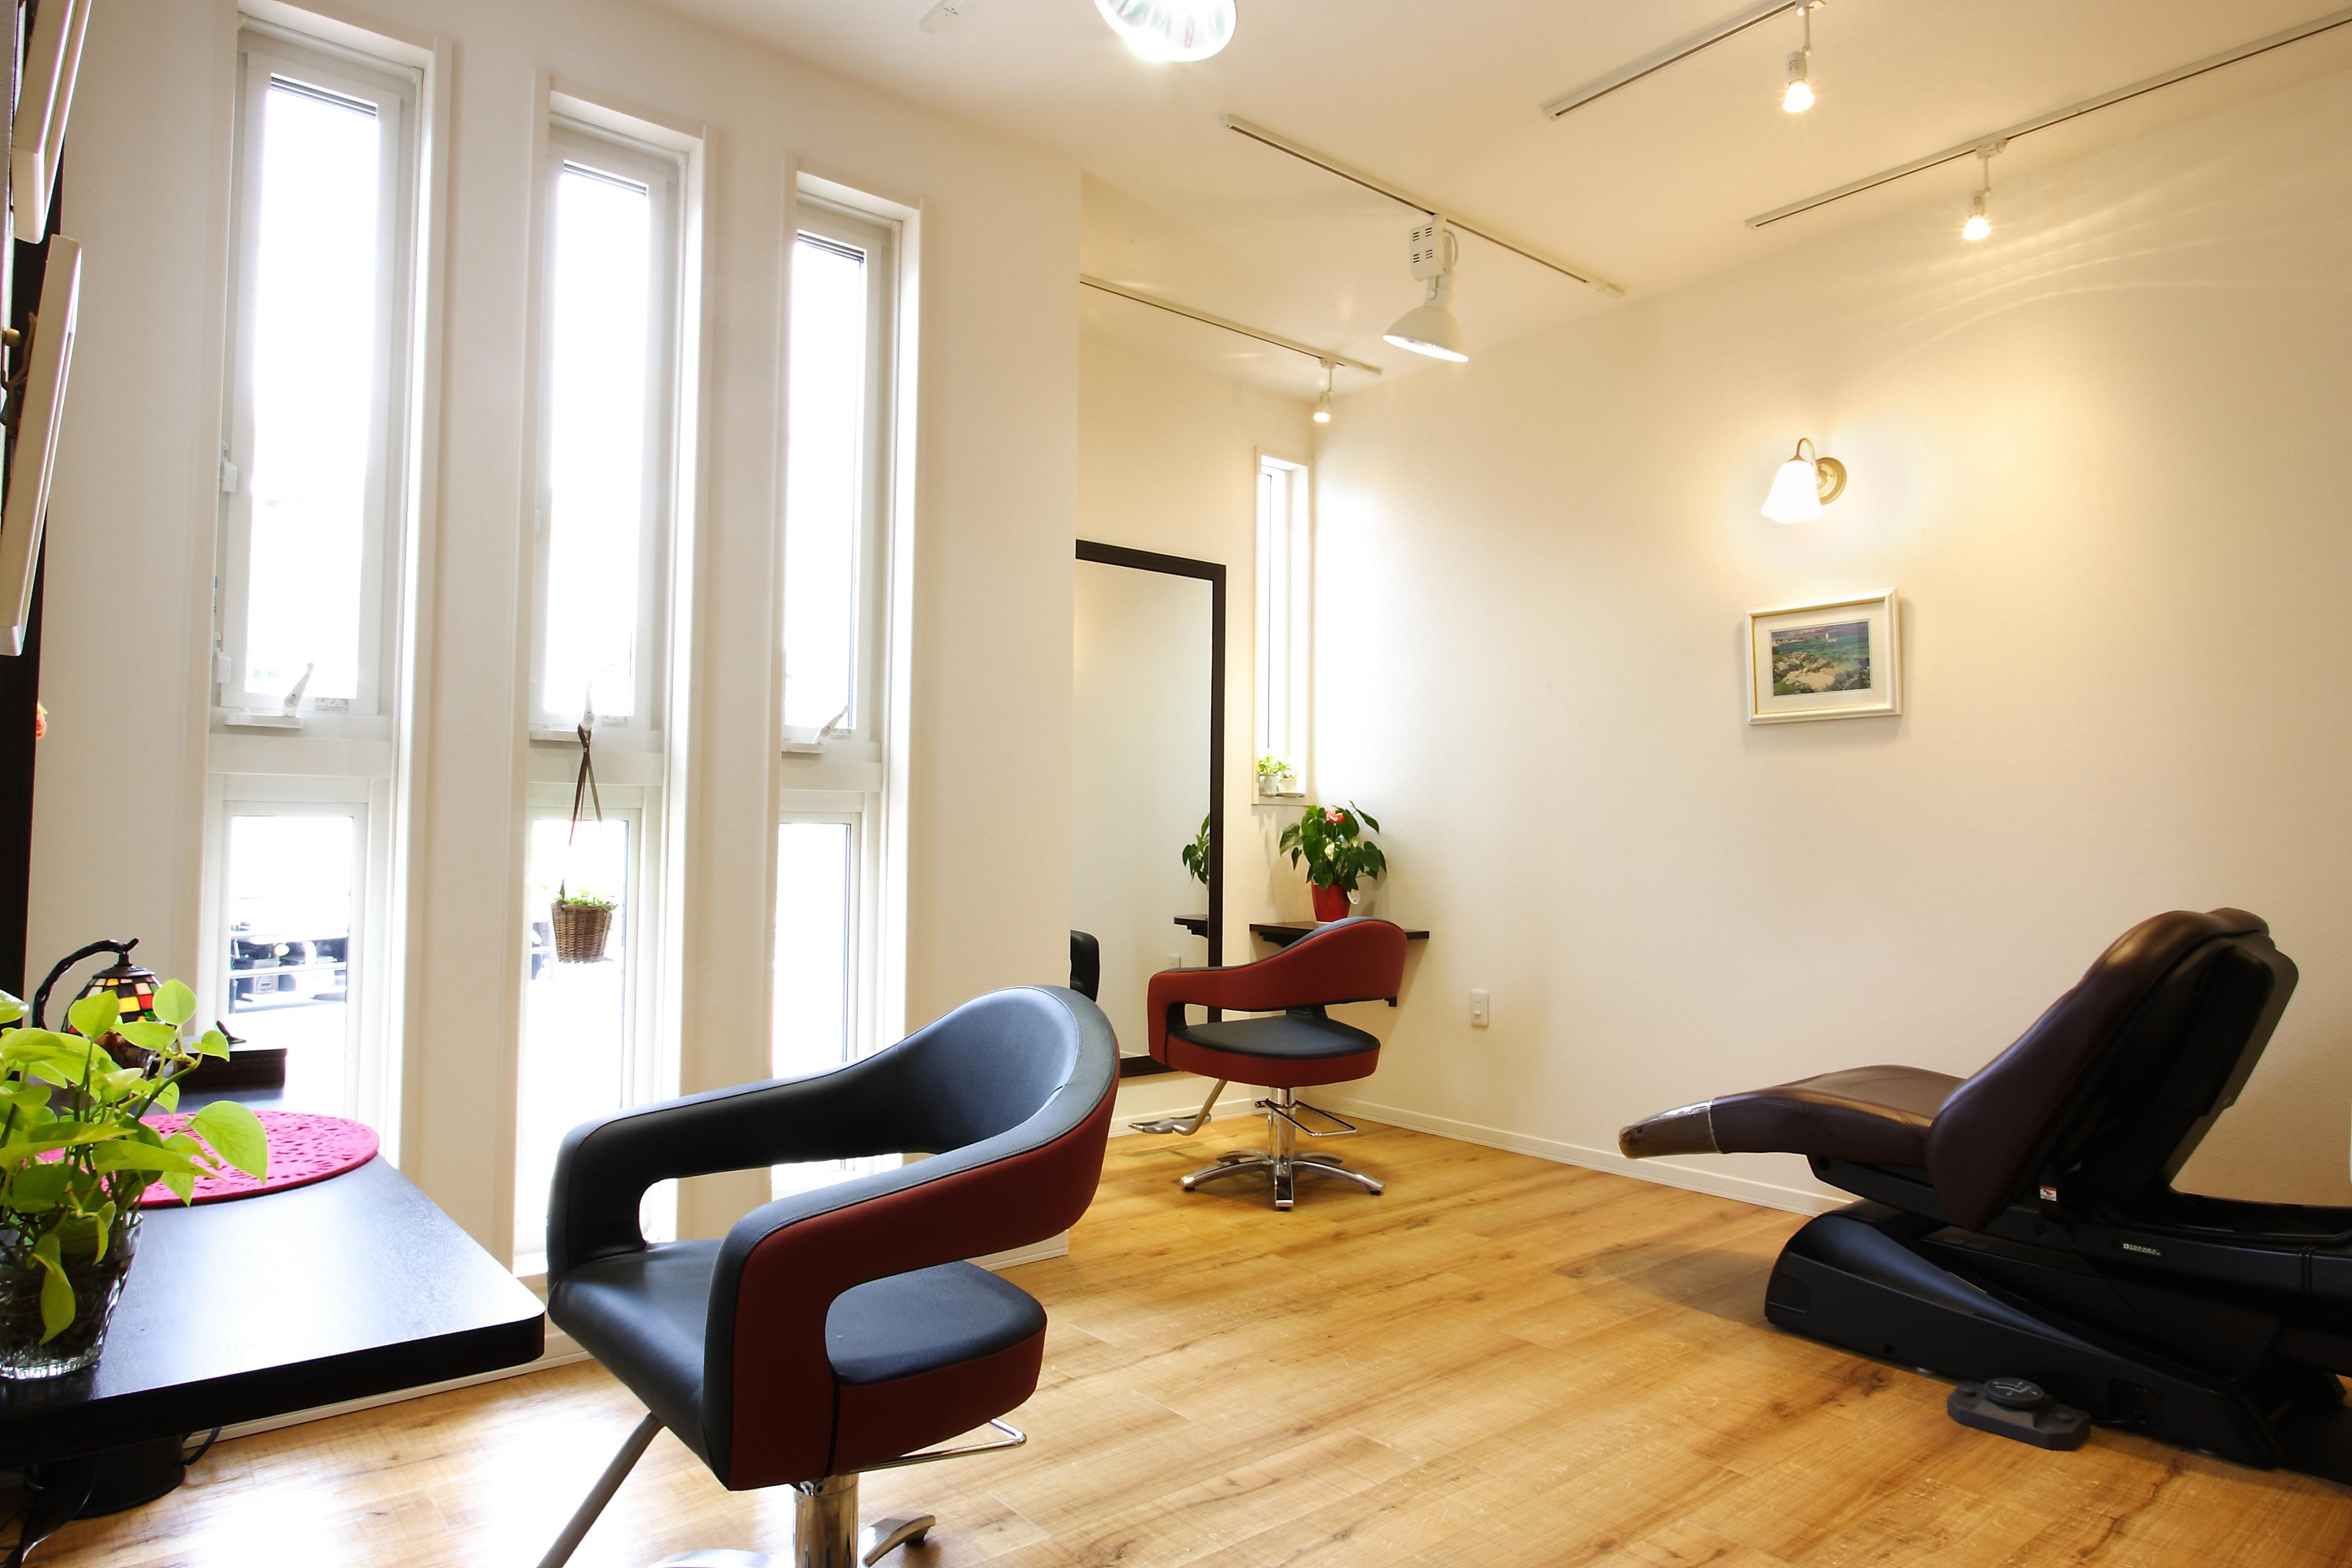 自然光を取り入れた住居兼美容室。みかんぐみ株式会社施工事例。